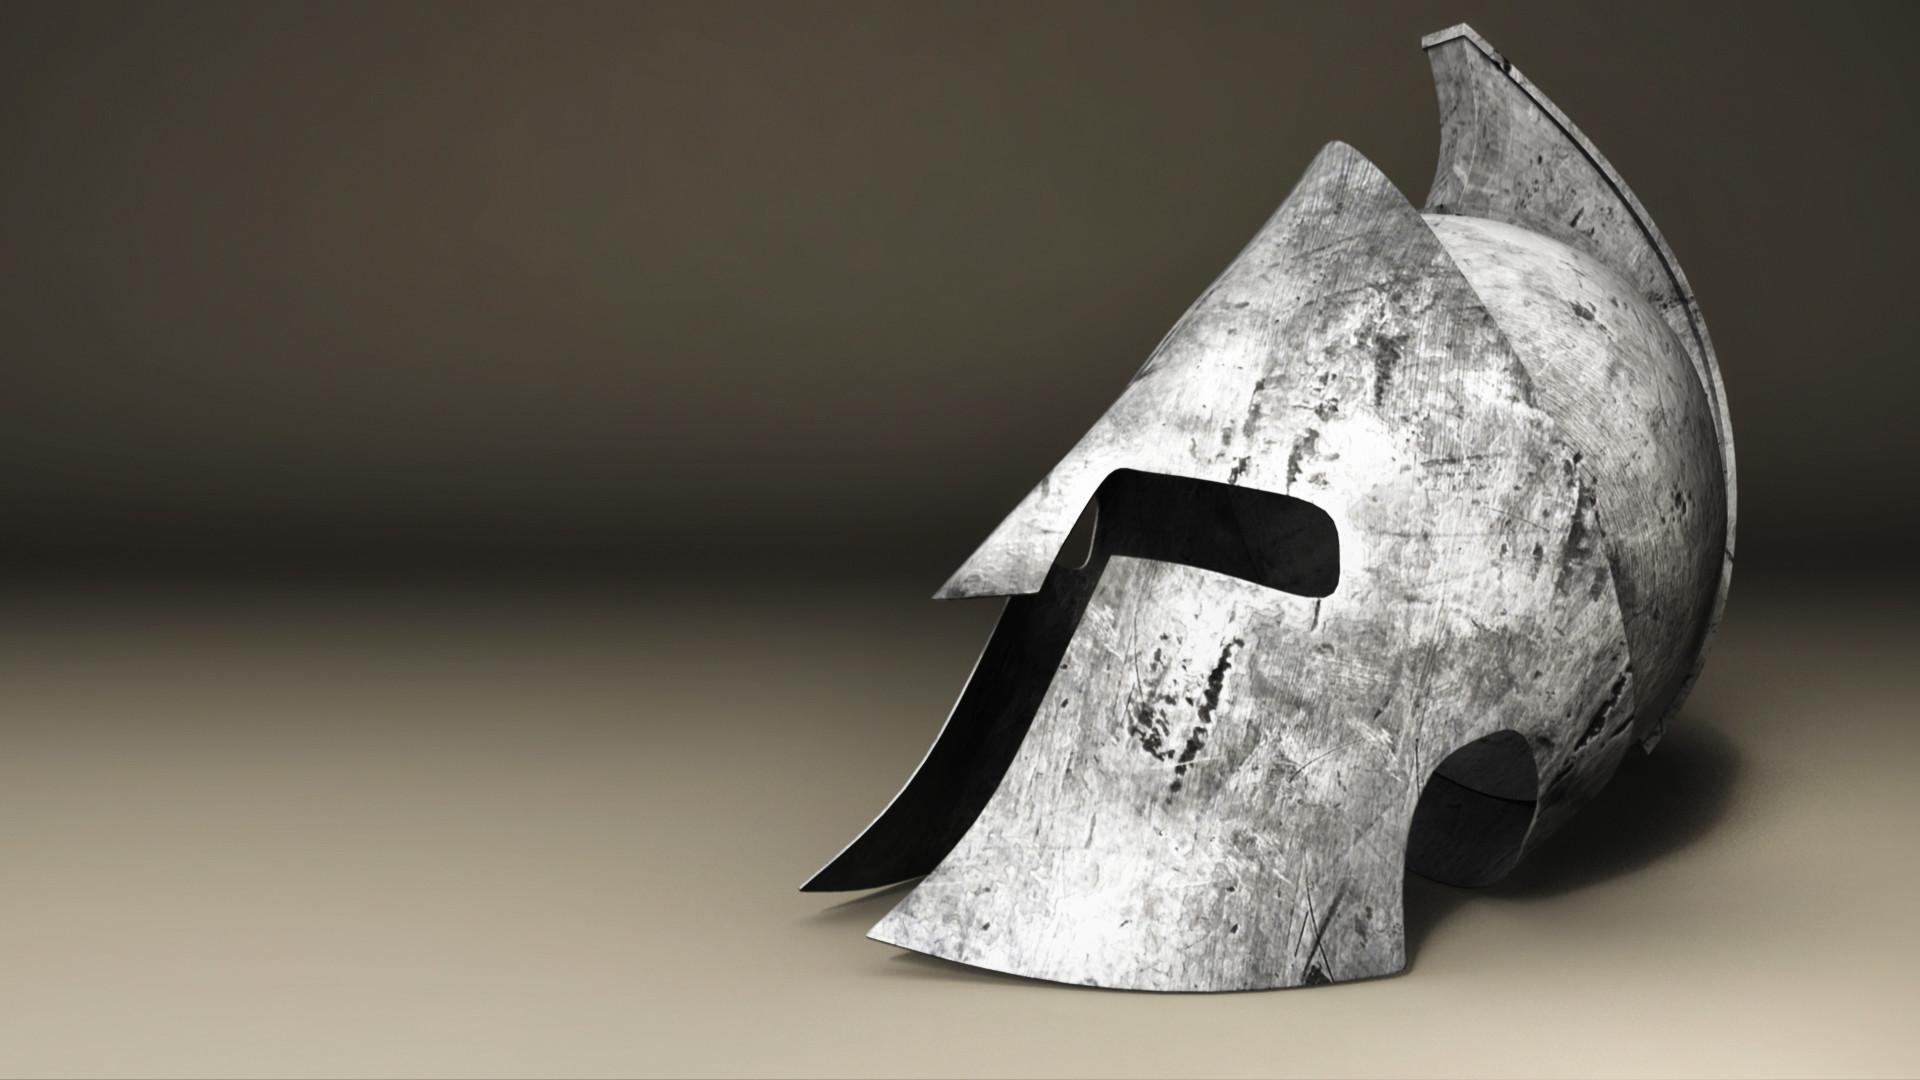 … 19 28 35 26 spartan helmet render 4 …